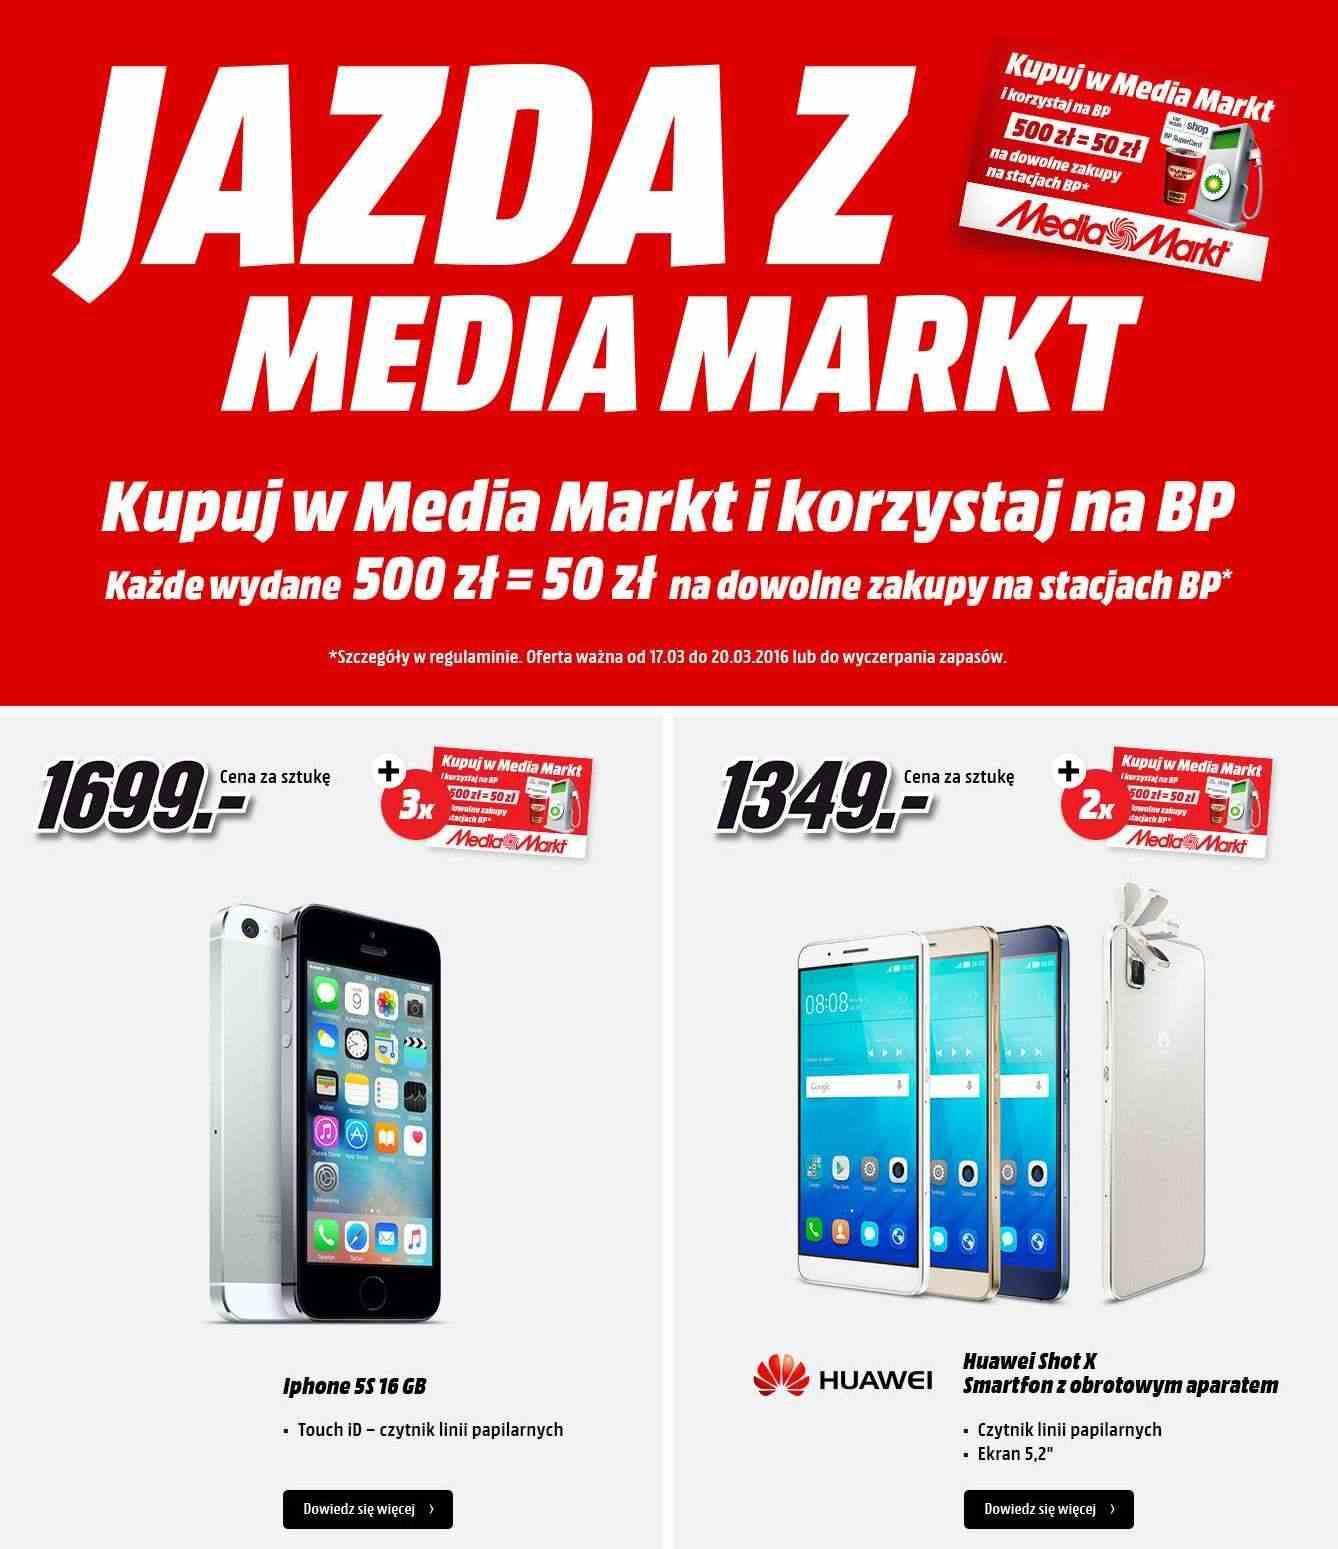 Gazetka promocyjna Media Markt do 20/03/2016 str.0